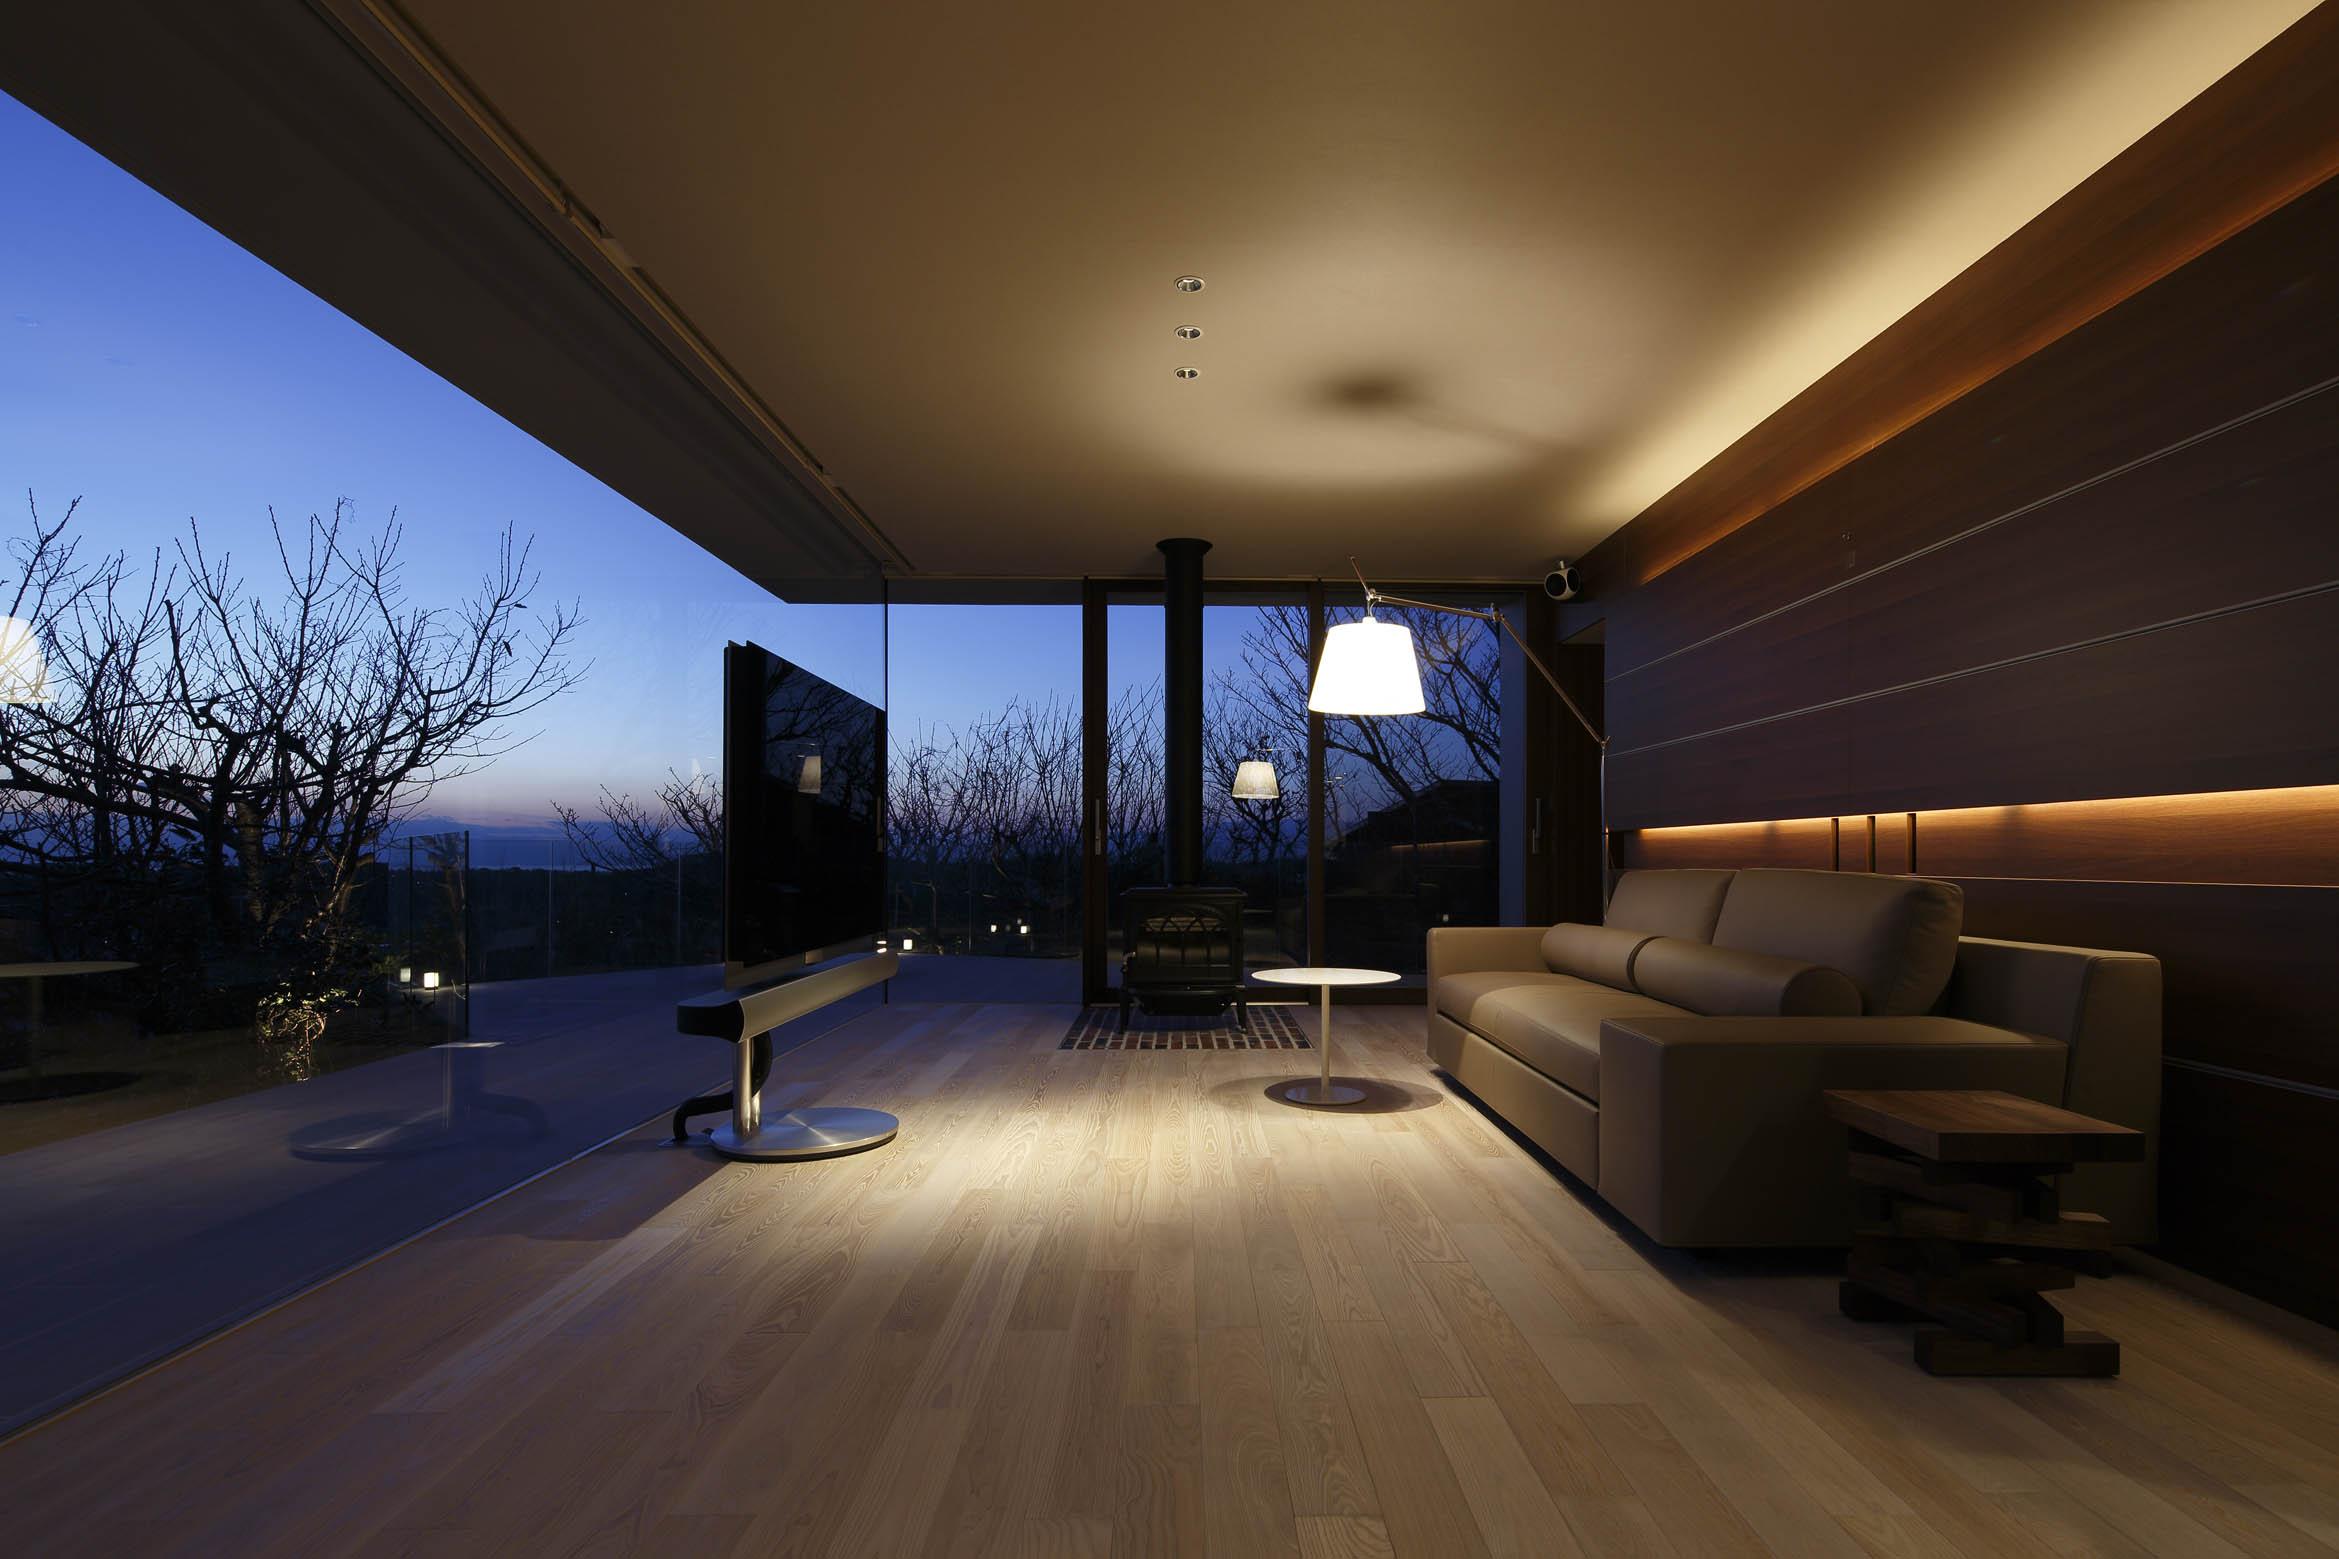 富士山方向夜景/CASA BARCA/豪邸 高級別荘建築